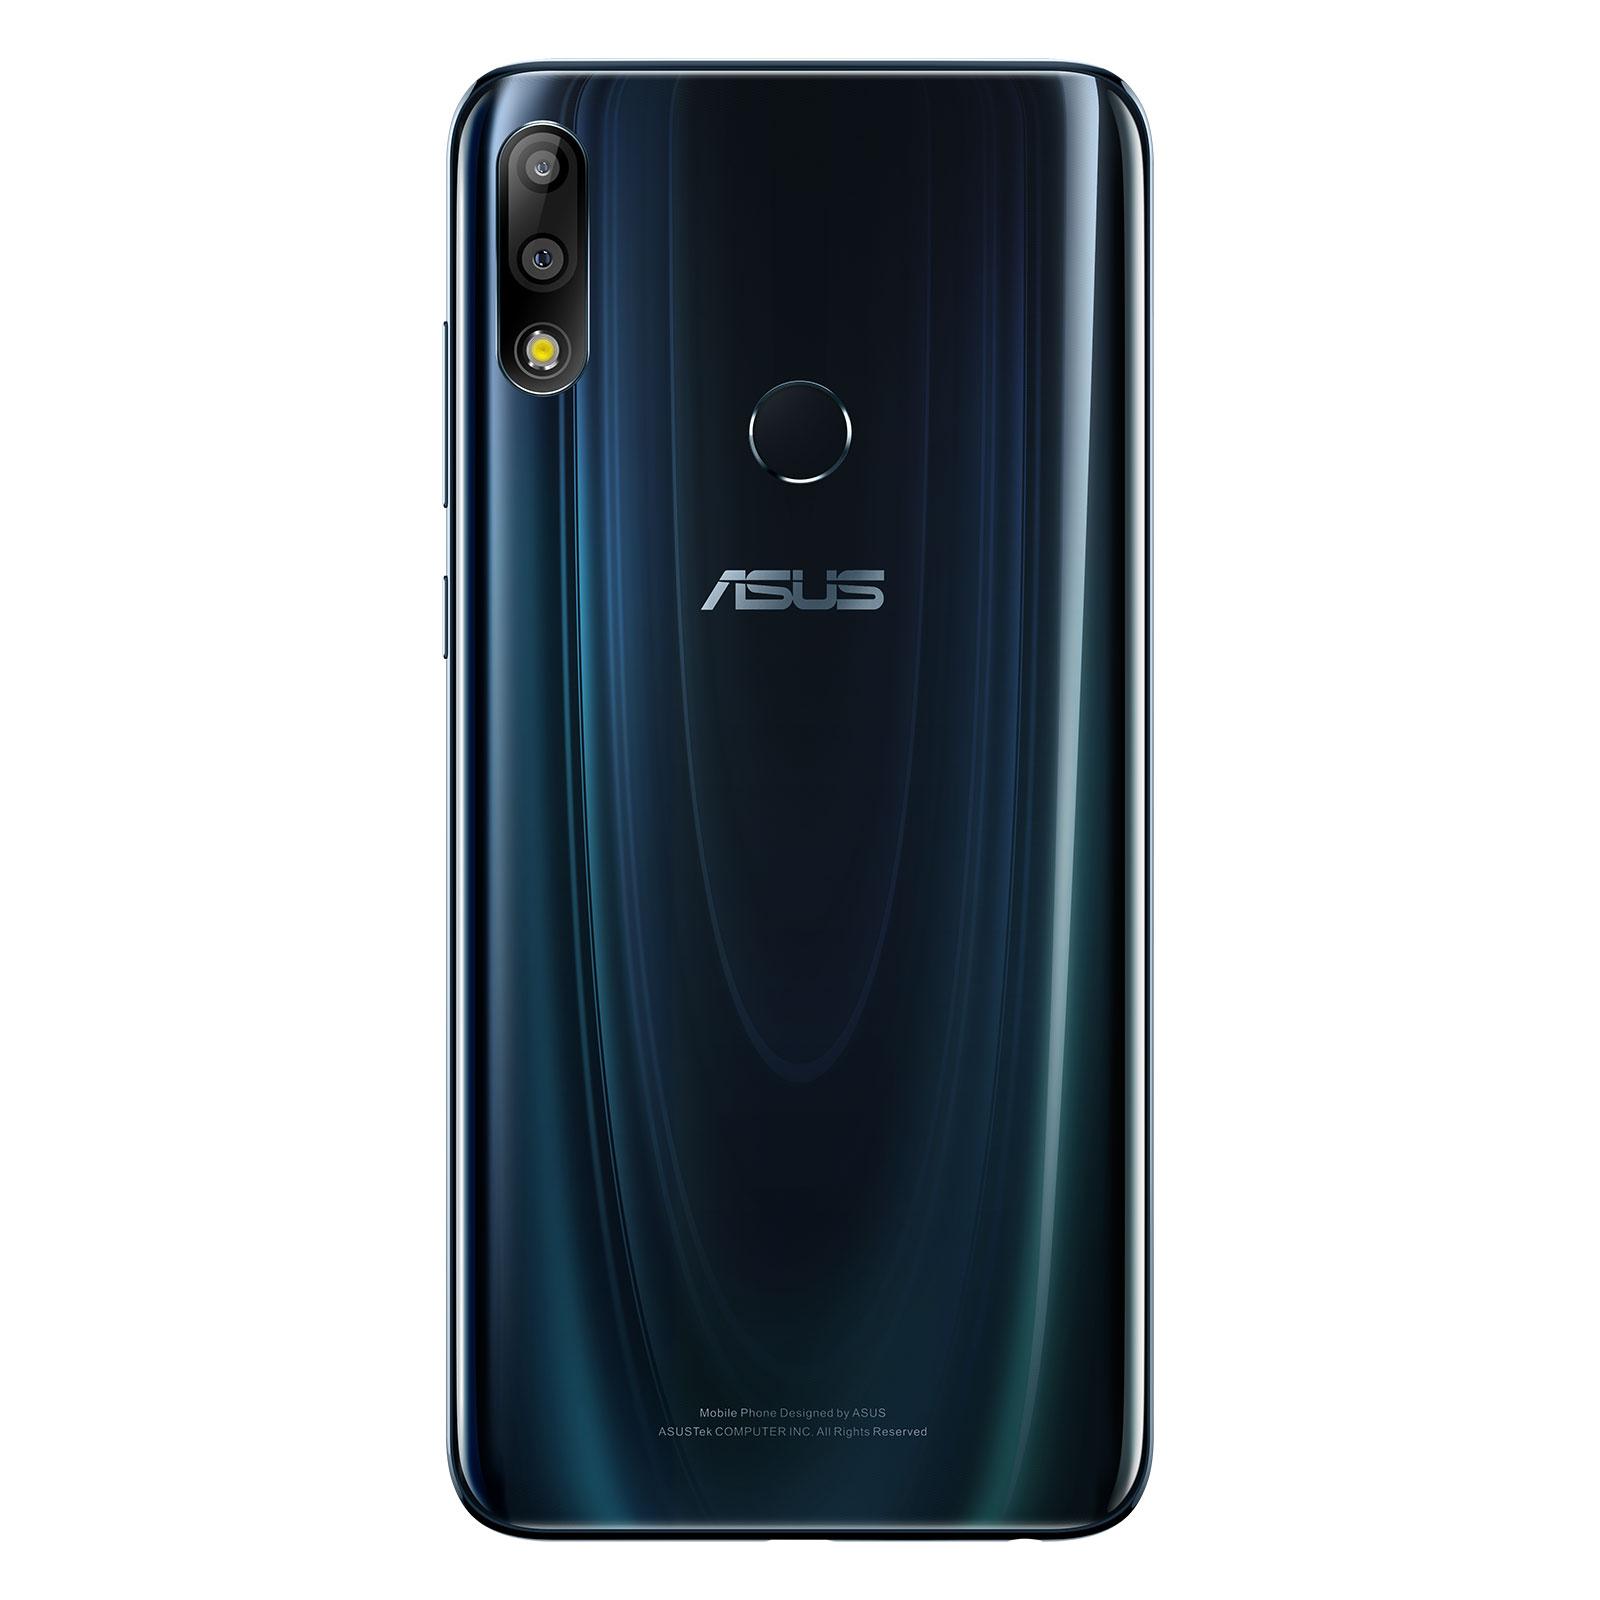 Asus ZenFone Max PRO M2 Bleu (6Go/64Go) - Téléphonie Asus - 1